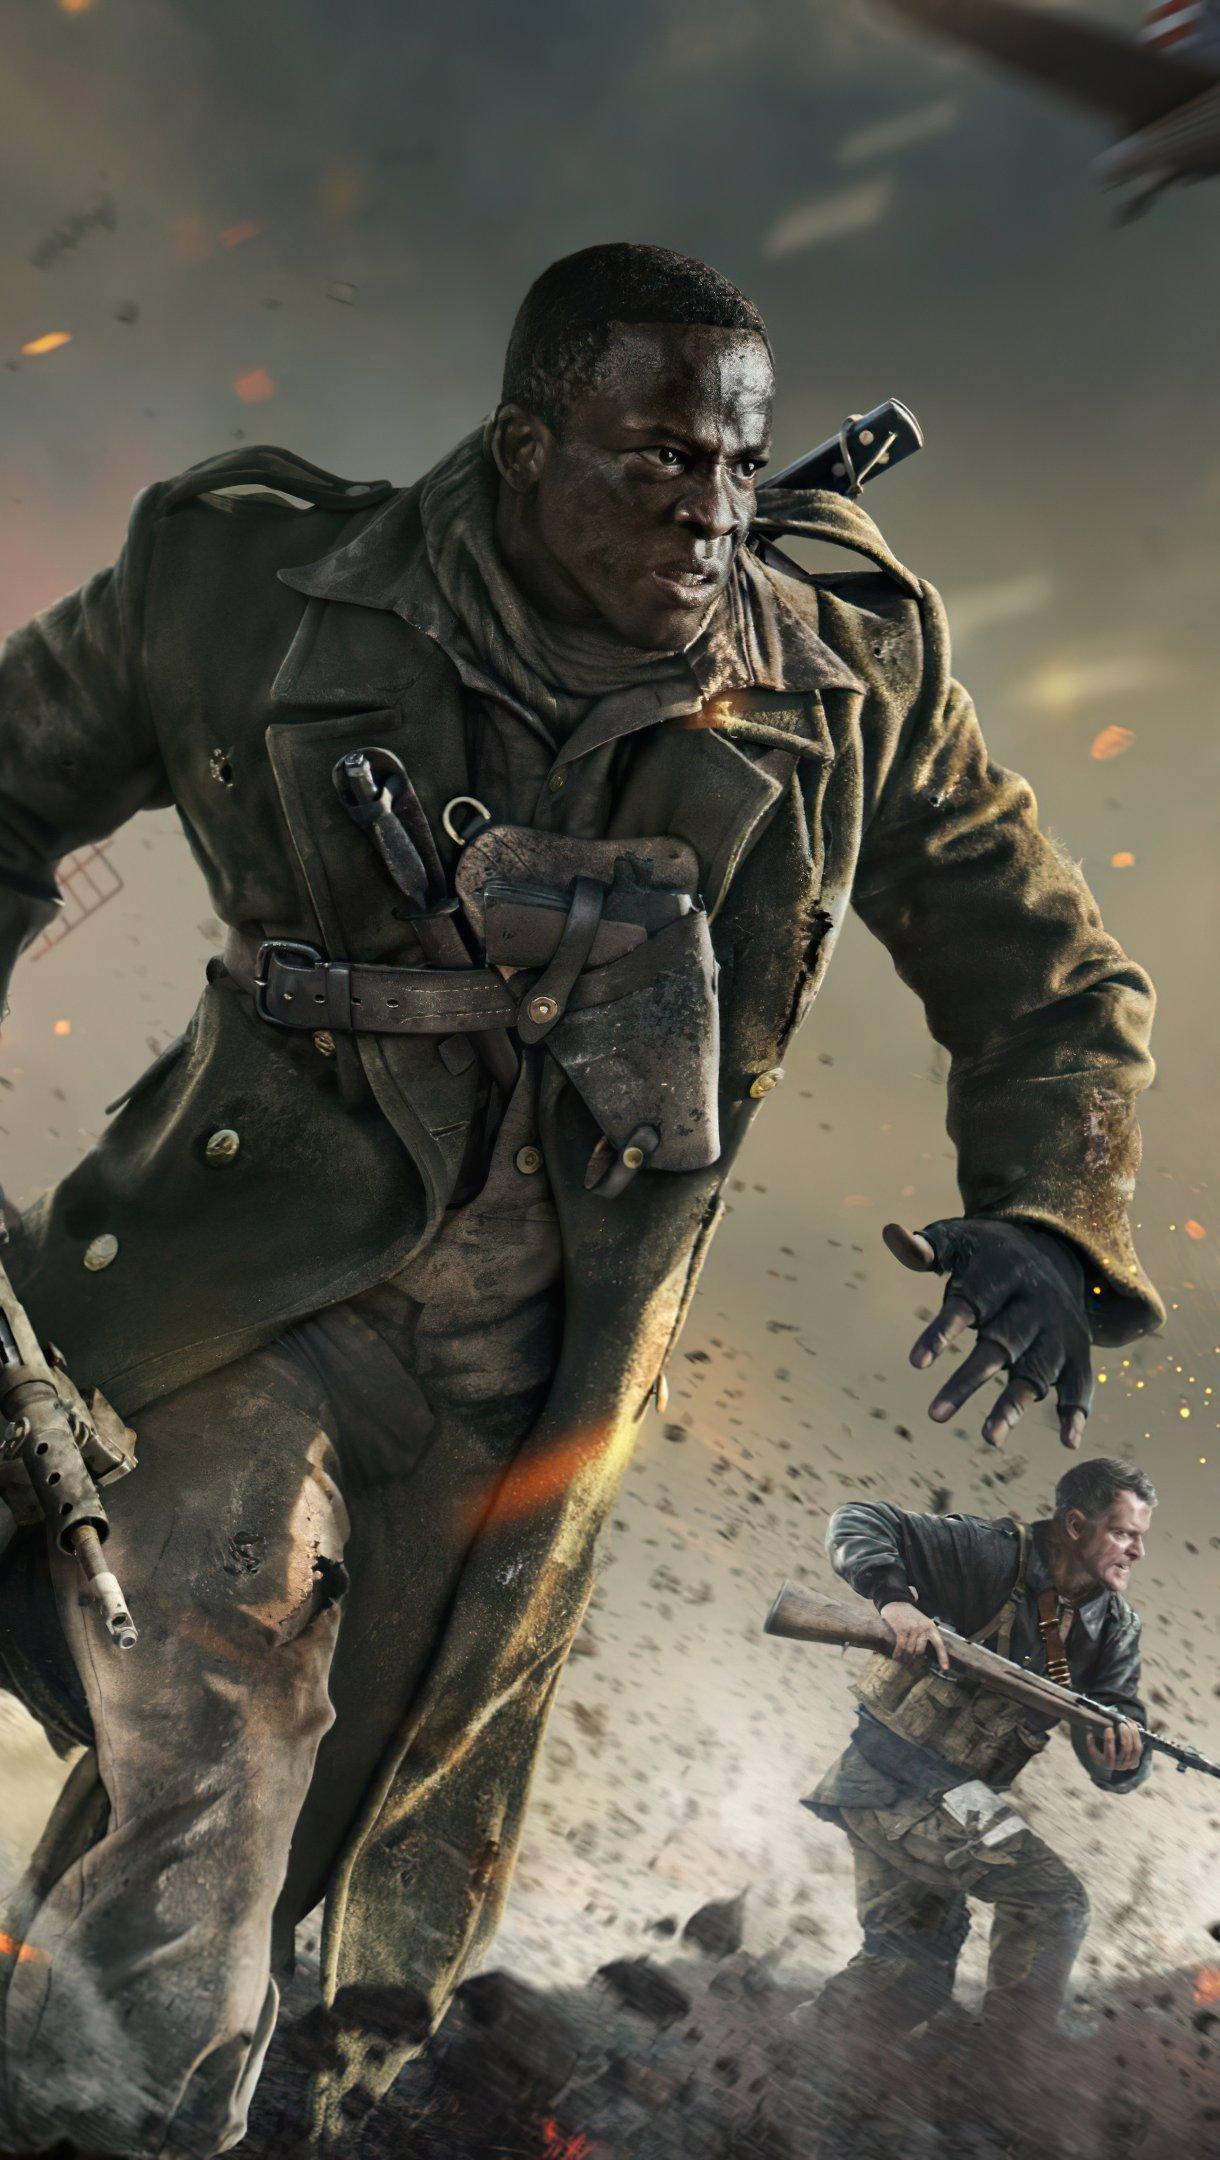 Fondos de pantalla Call of Duty Vanguard Vertical